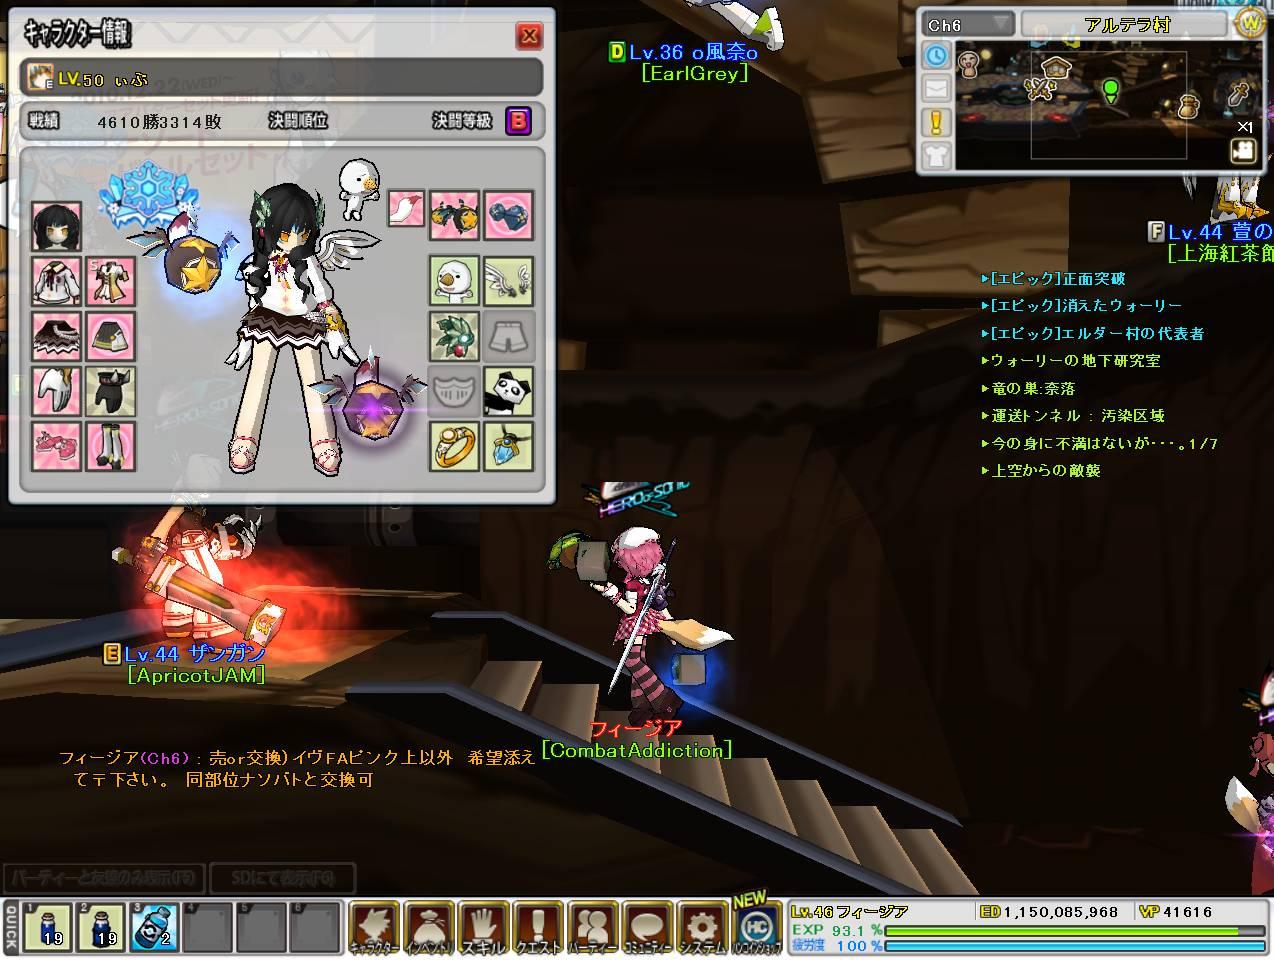 SC_2010_12_29_20_41_37_.jpg